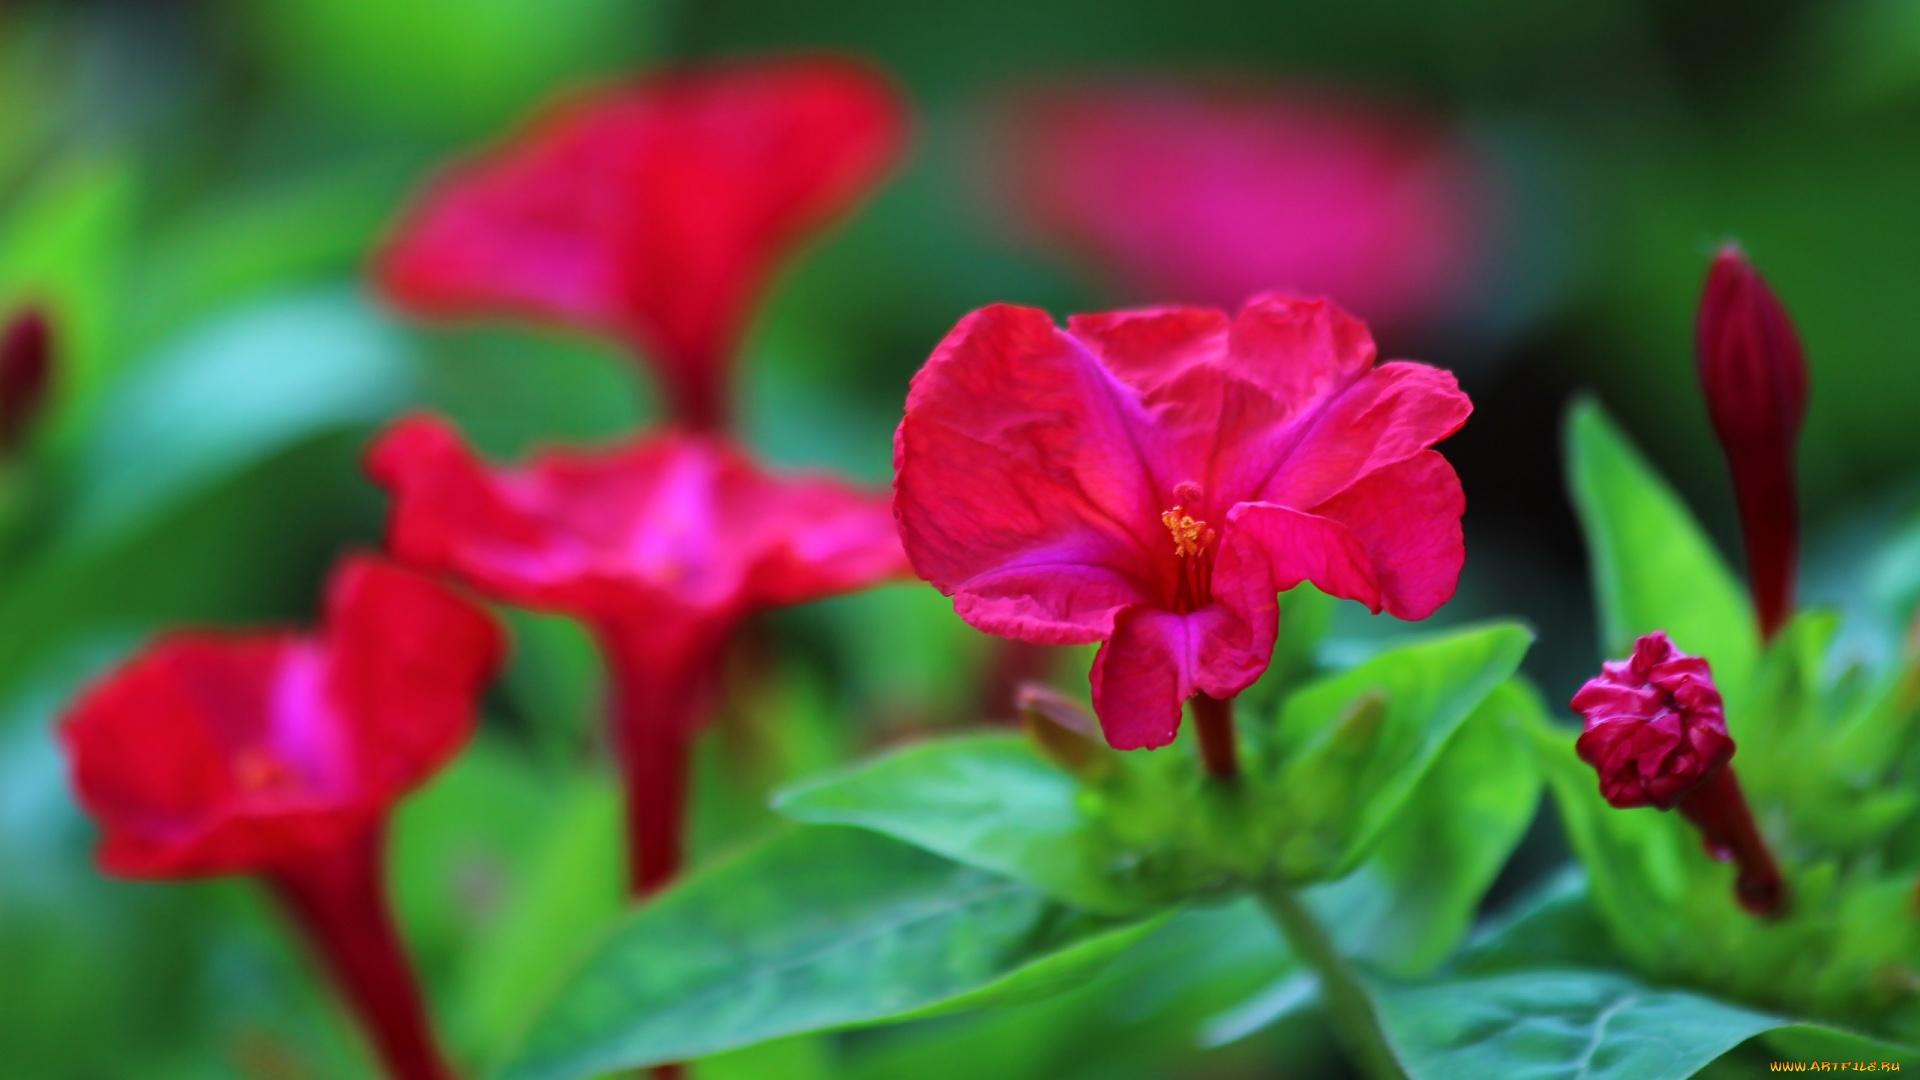 Цветок ночная красавица (мирабилис посадка и уход, фото) 33